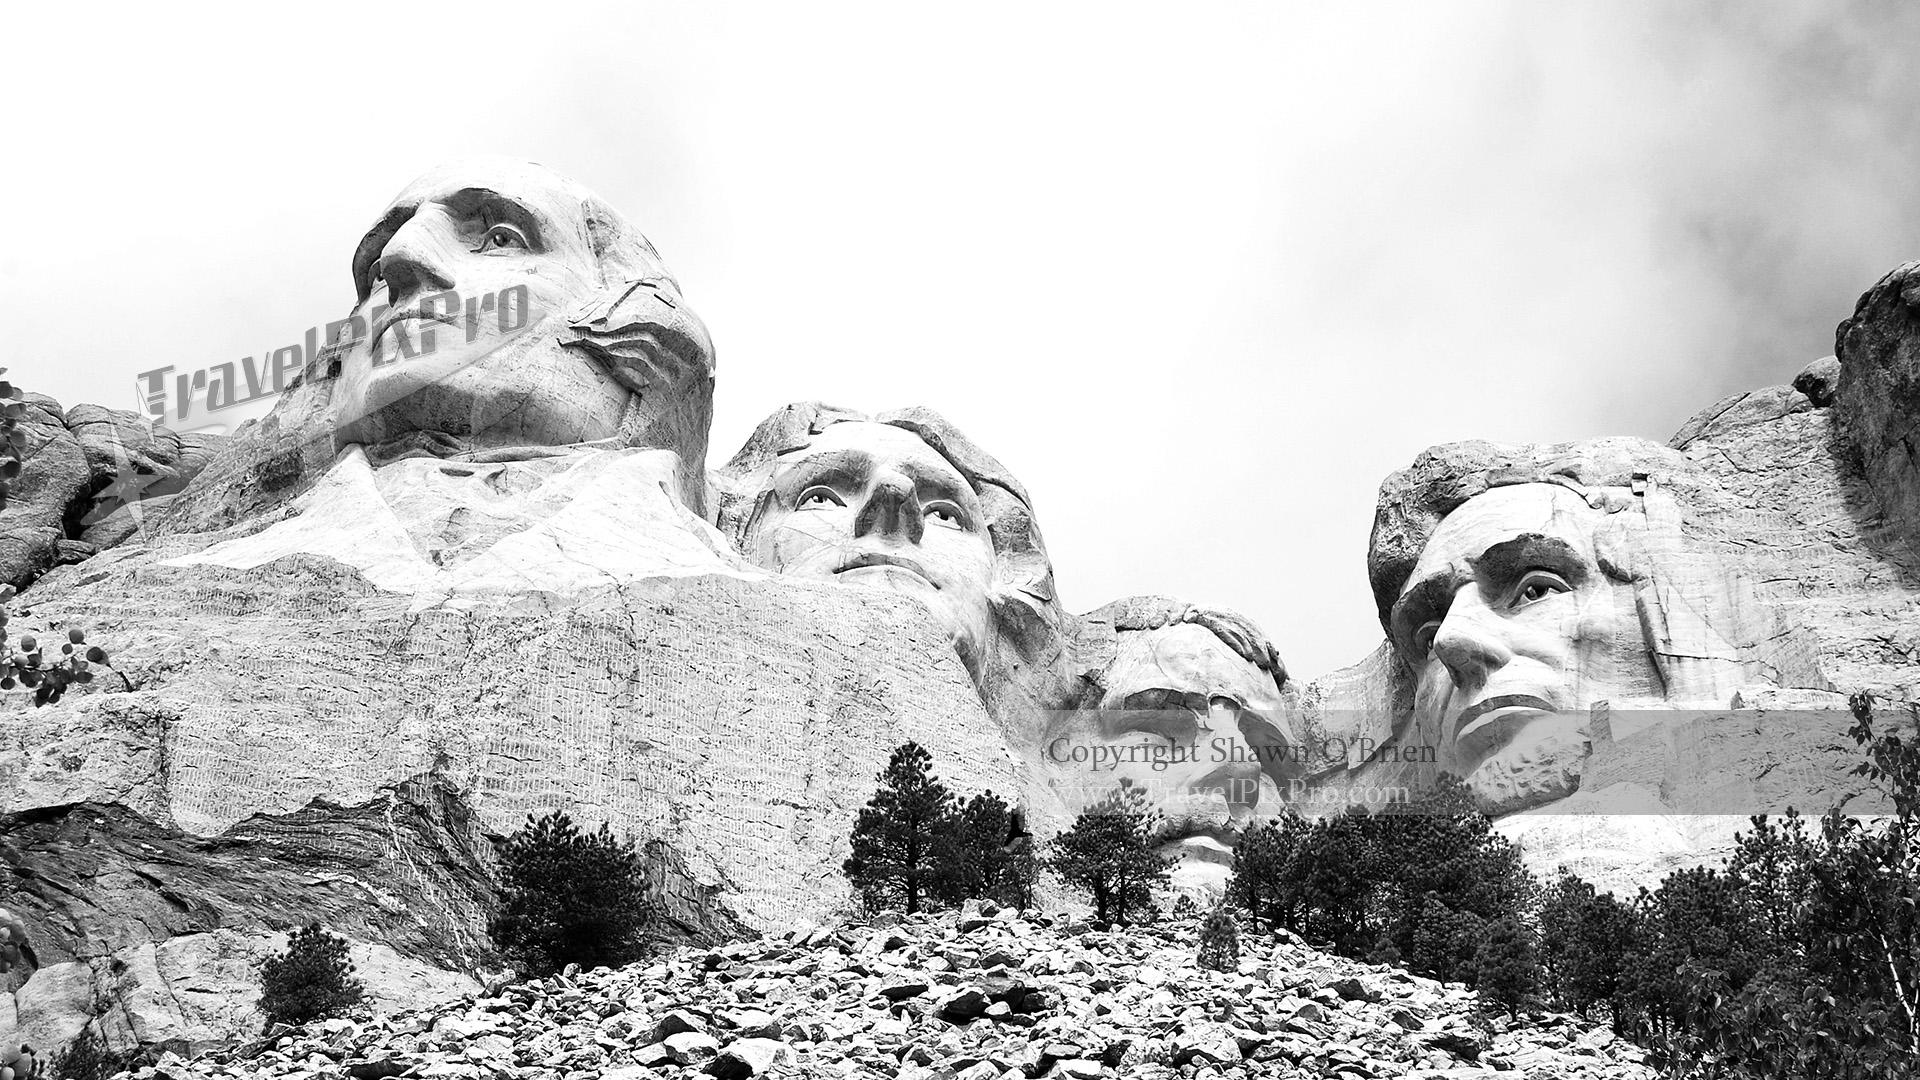 Below Mount Rushmore